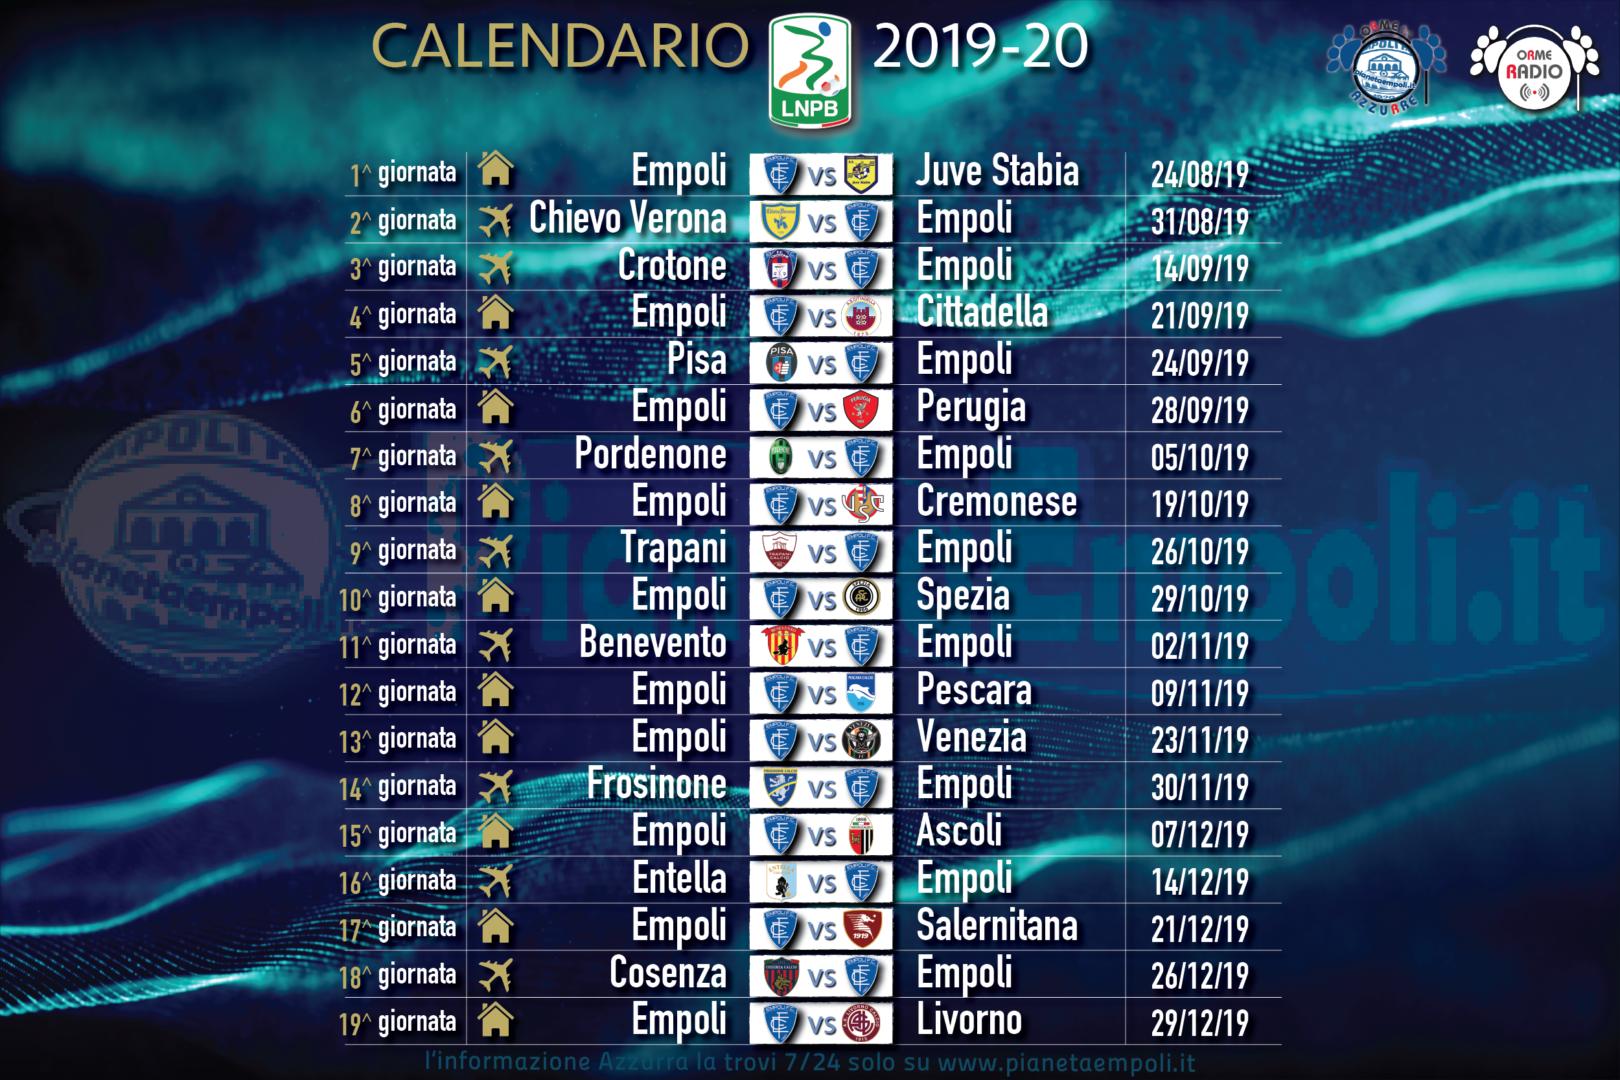 Campionato Serie A Calendario.Serie B Il Calendario Completo Degli Azzurri Si Chiude A